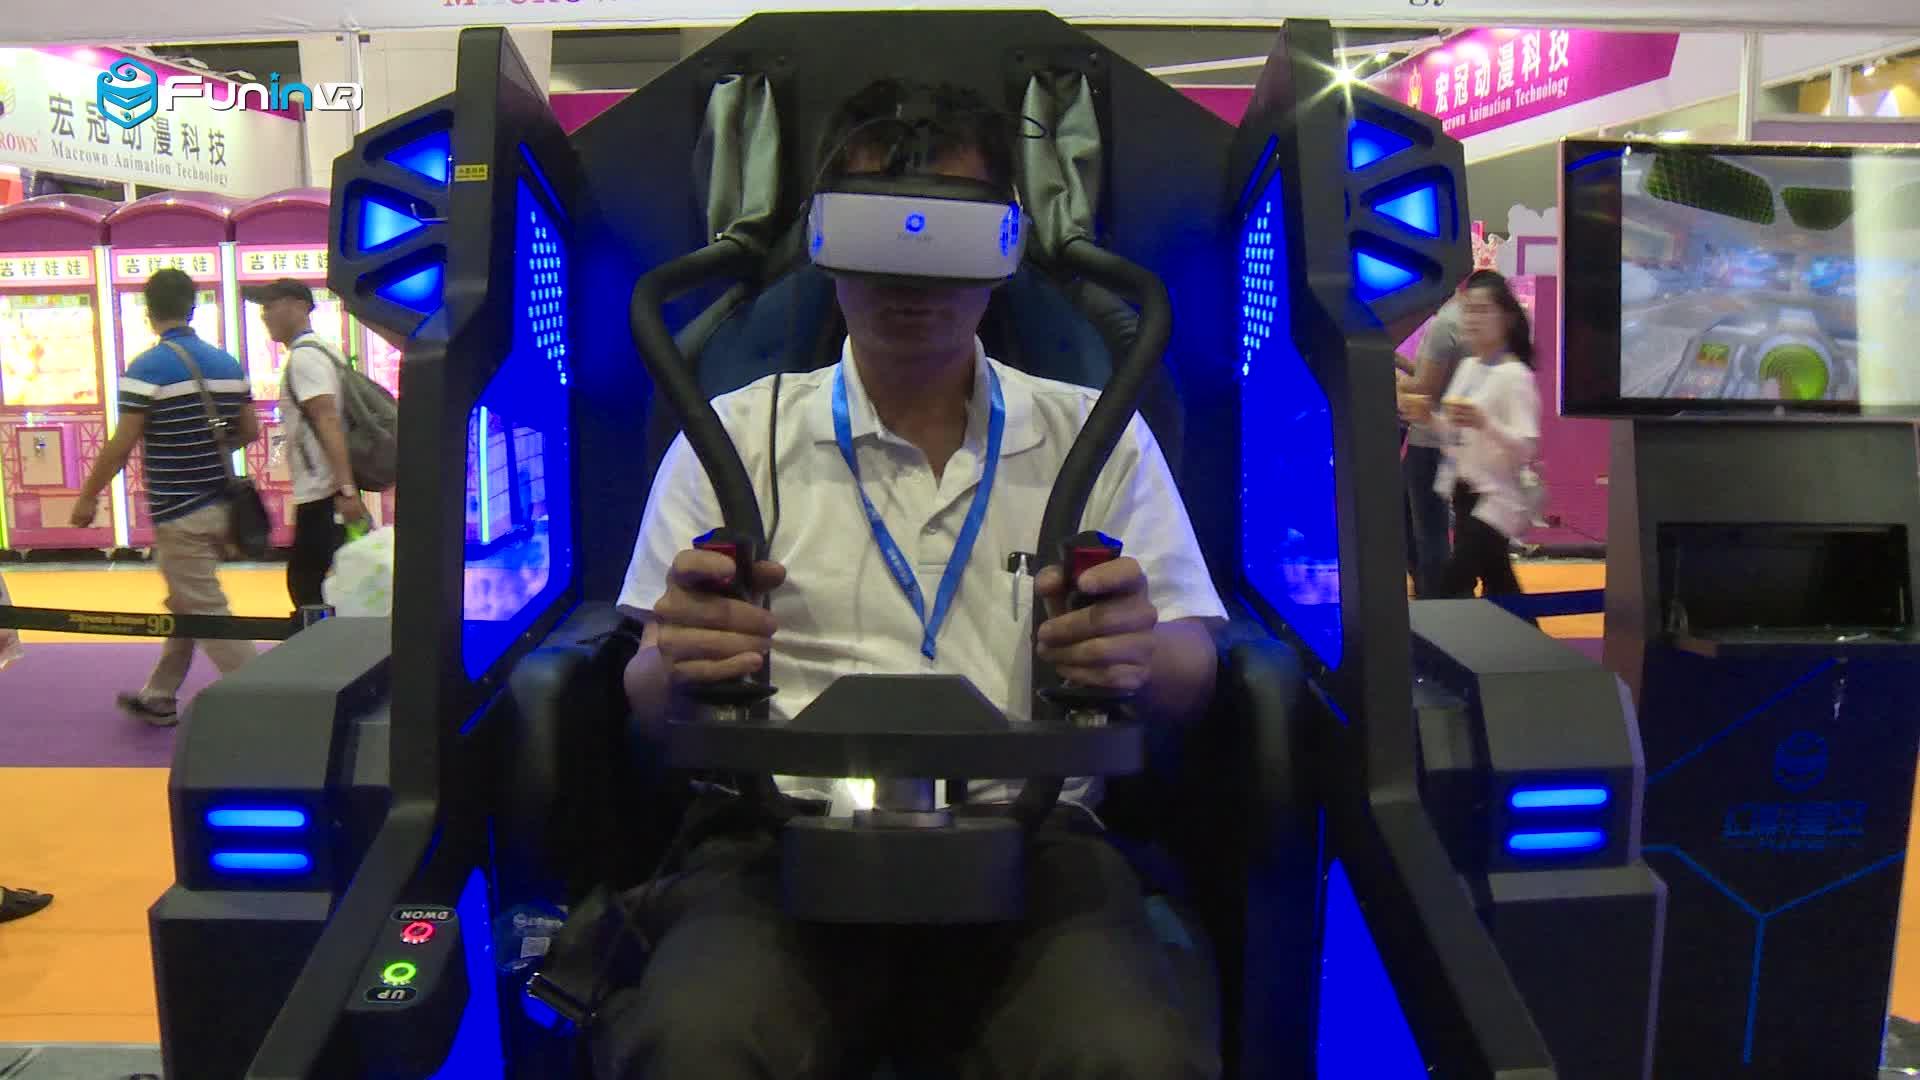 Prezzo di fabbrica VR Mecha Simulatore di macchina tecnologia aggiornata con interactive piattaforma di movimento